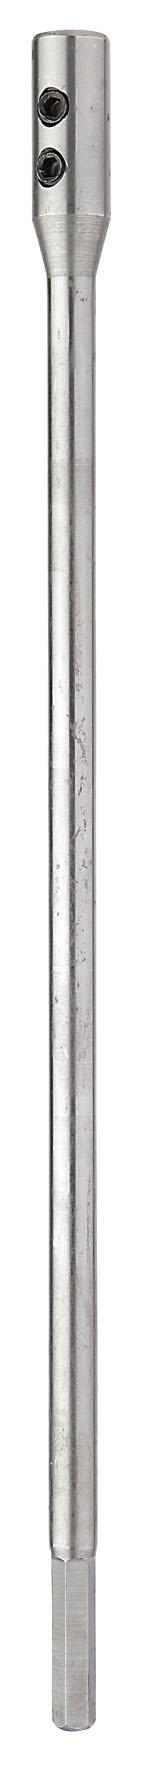 Drilling Flat wood accessories Wood drill bits accessories - 906.jpg